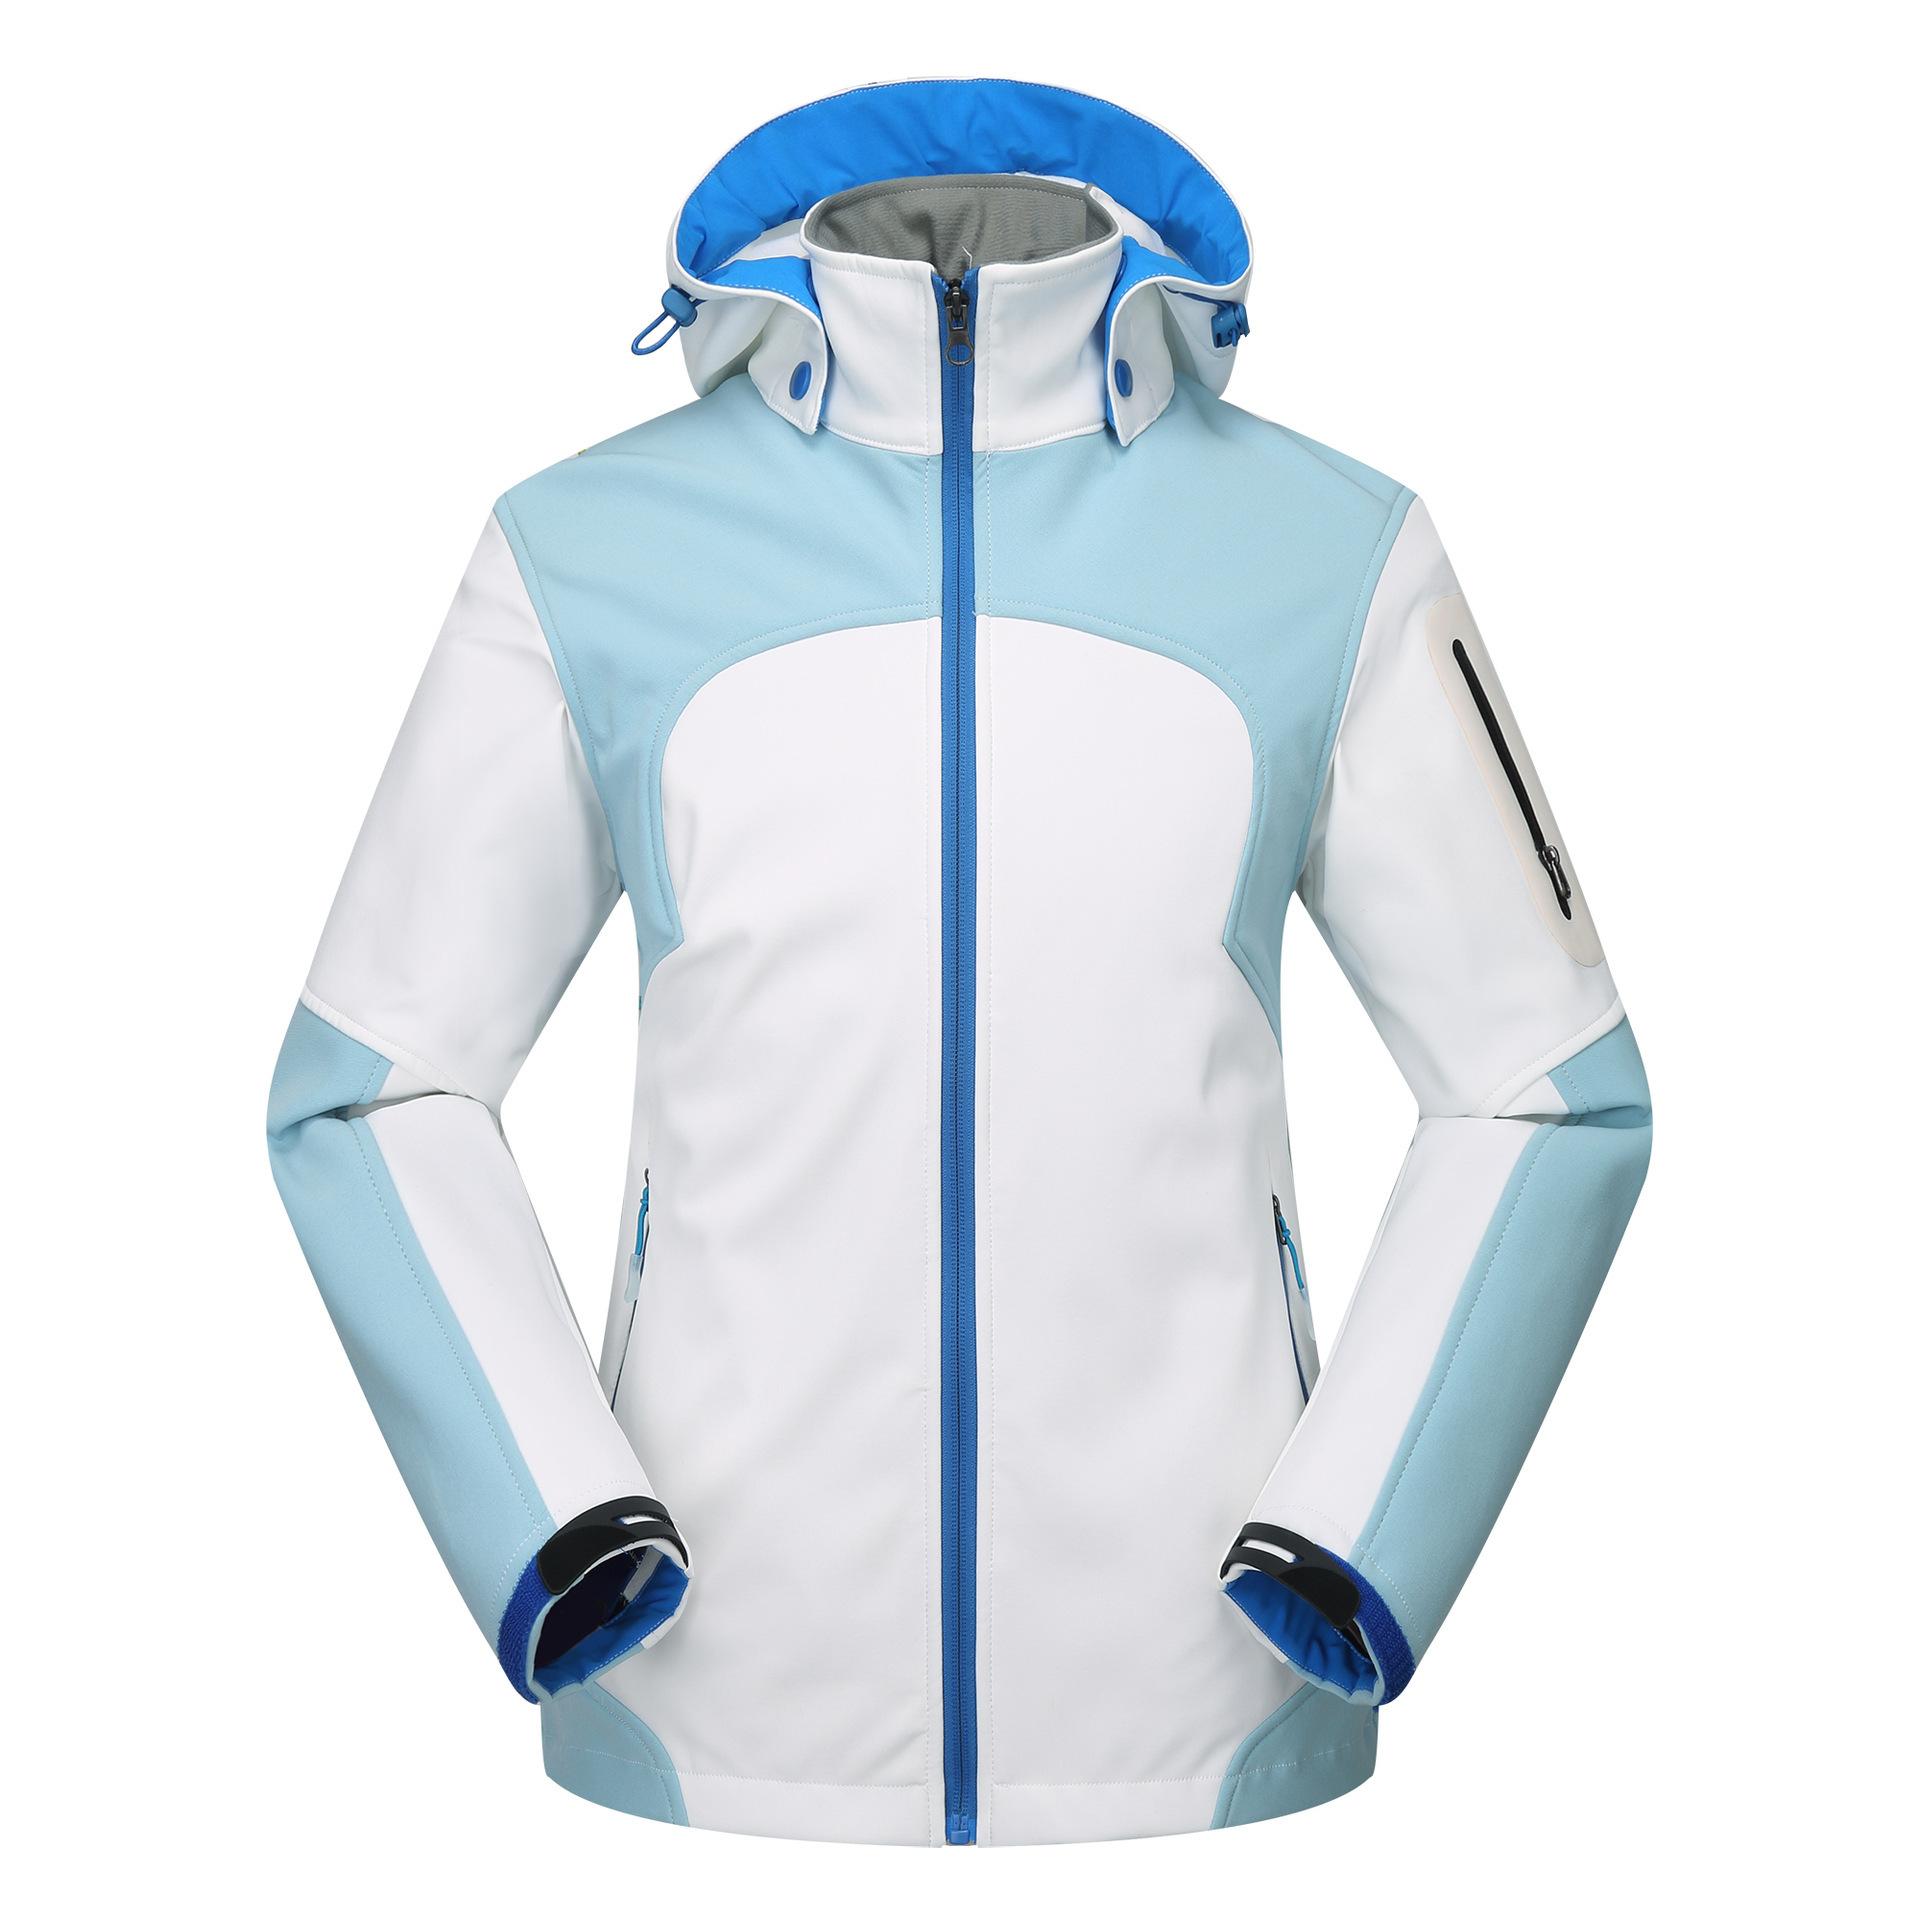 Lót nỉ Soflshell Nhà sản xuất bán buôn mùa thu và mùa đông ngoài trời áo khoác mềm vỏ phụ nữ không t